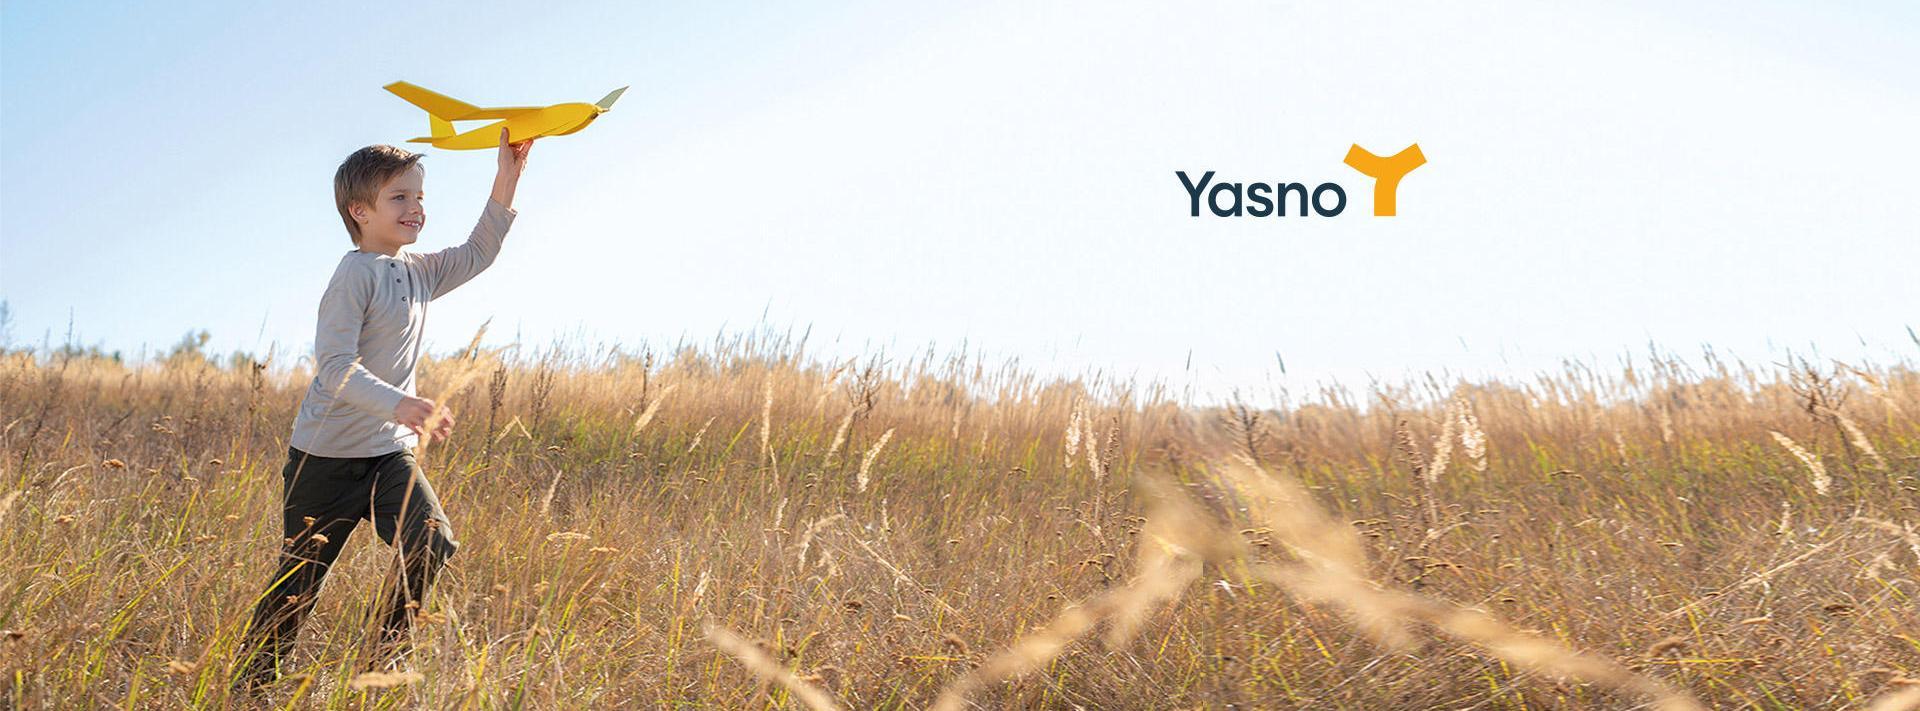 «Ми стаємо зрозумілими, простими, зручними»: бренд у секторі комунальних послуг, якому все YASNO